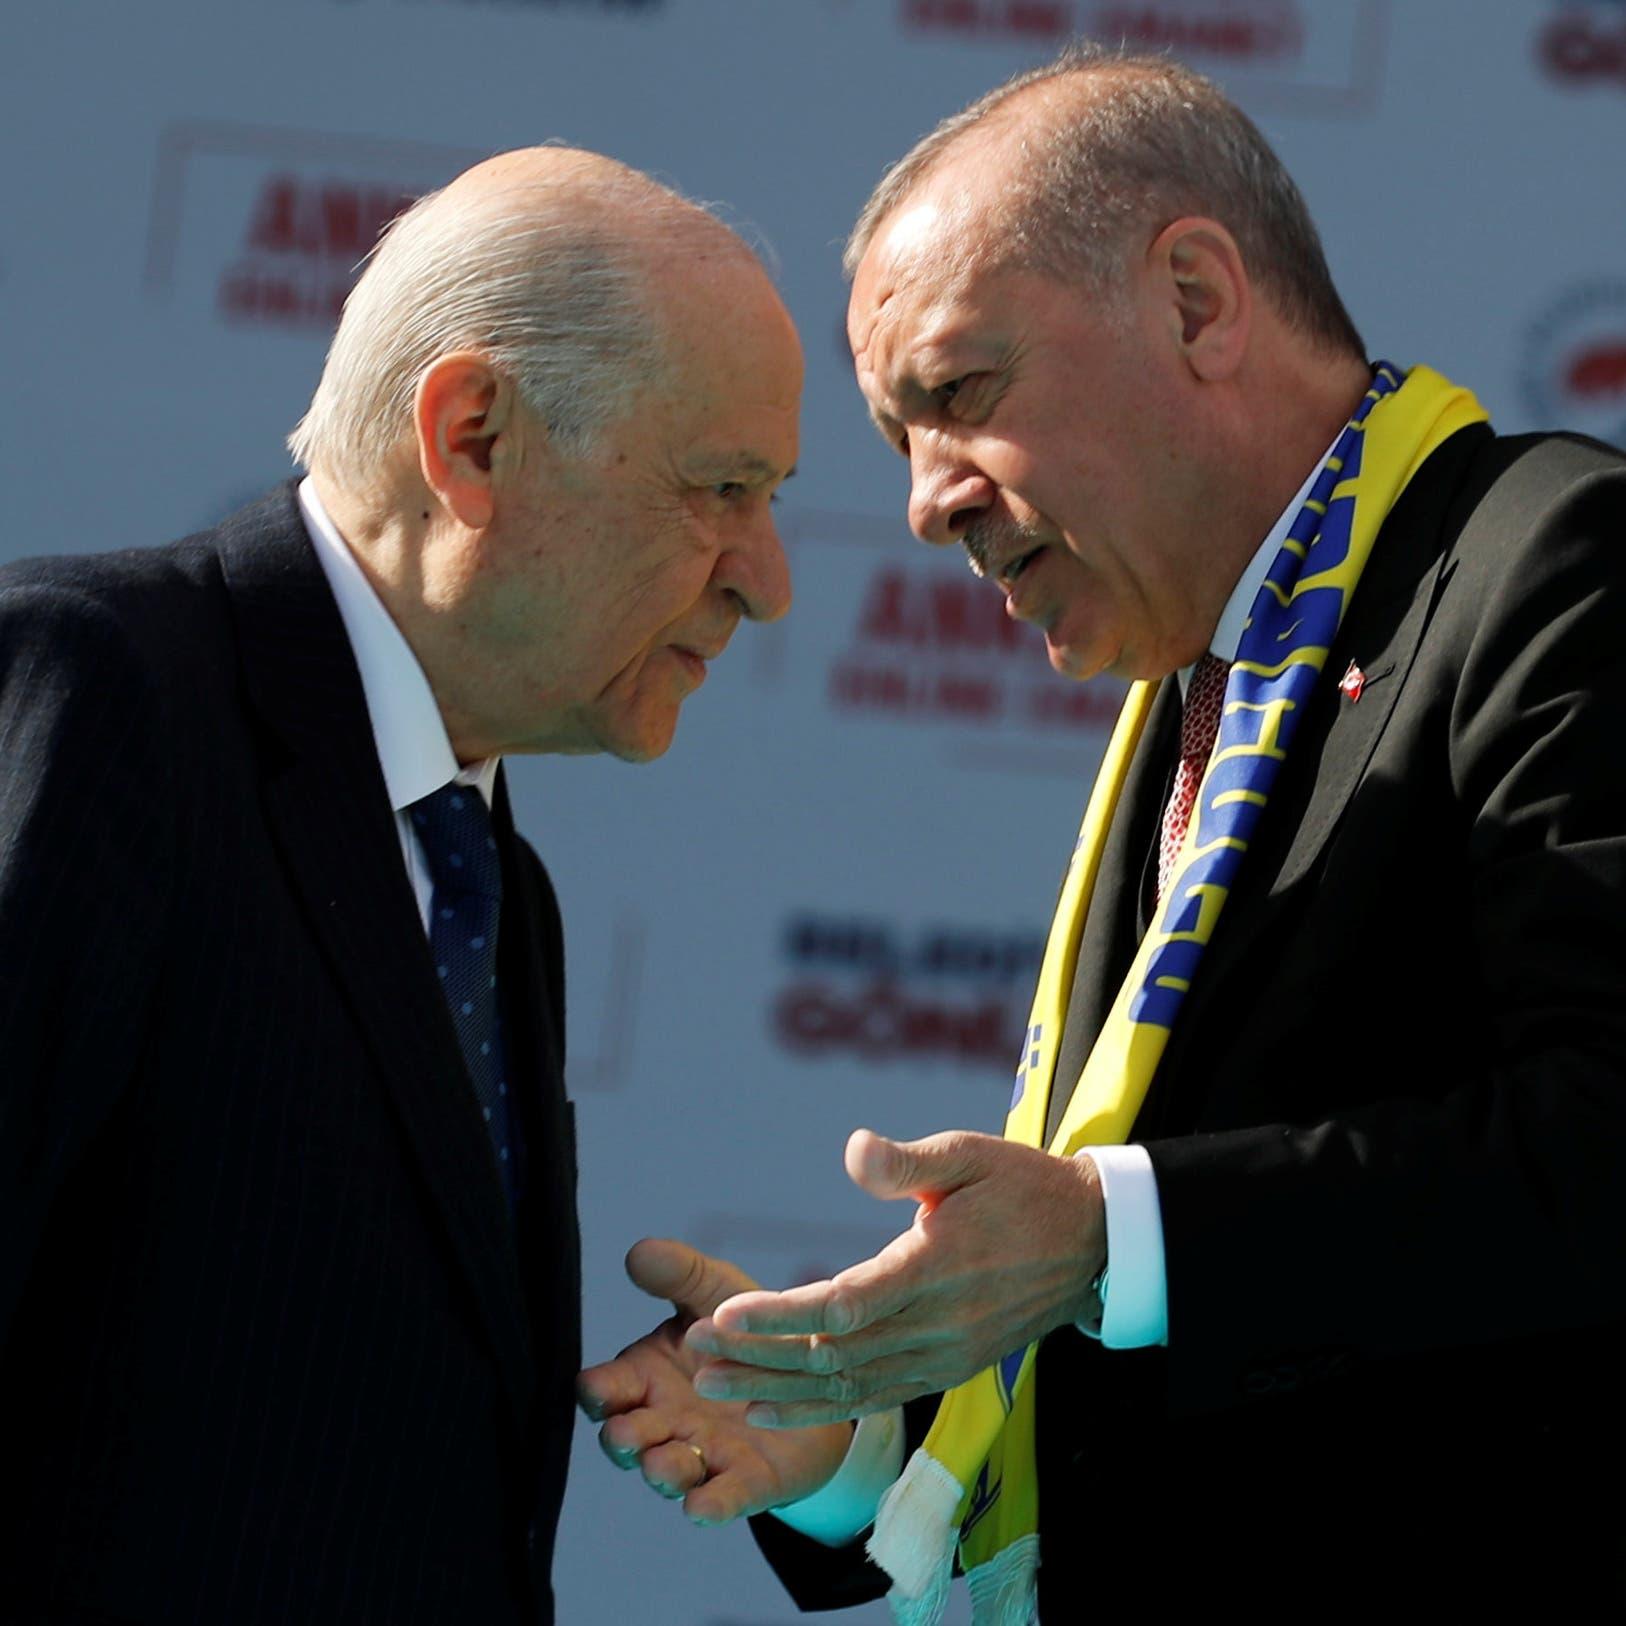 حليف أردوغان يهدد صحفيين.. وردود فعل عنيفة تجاهه